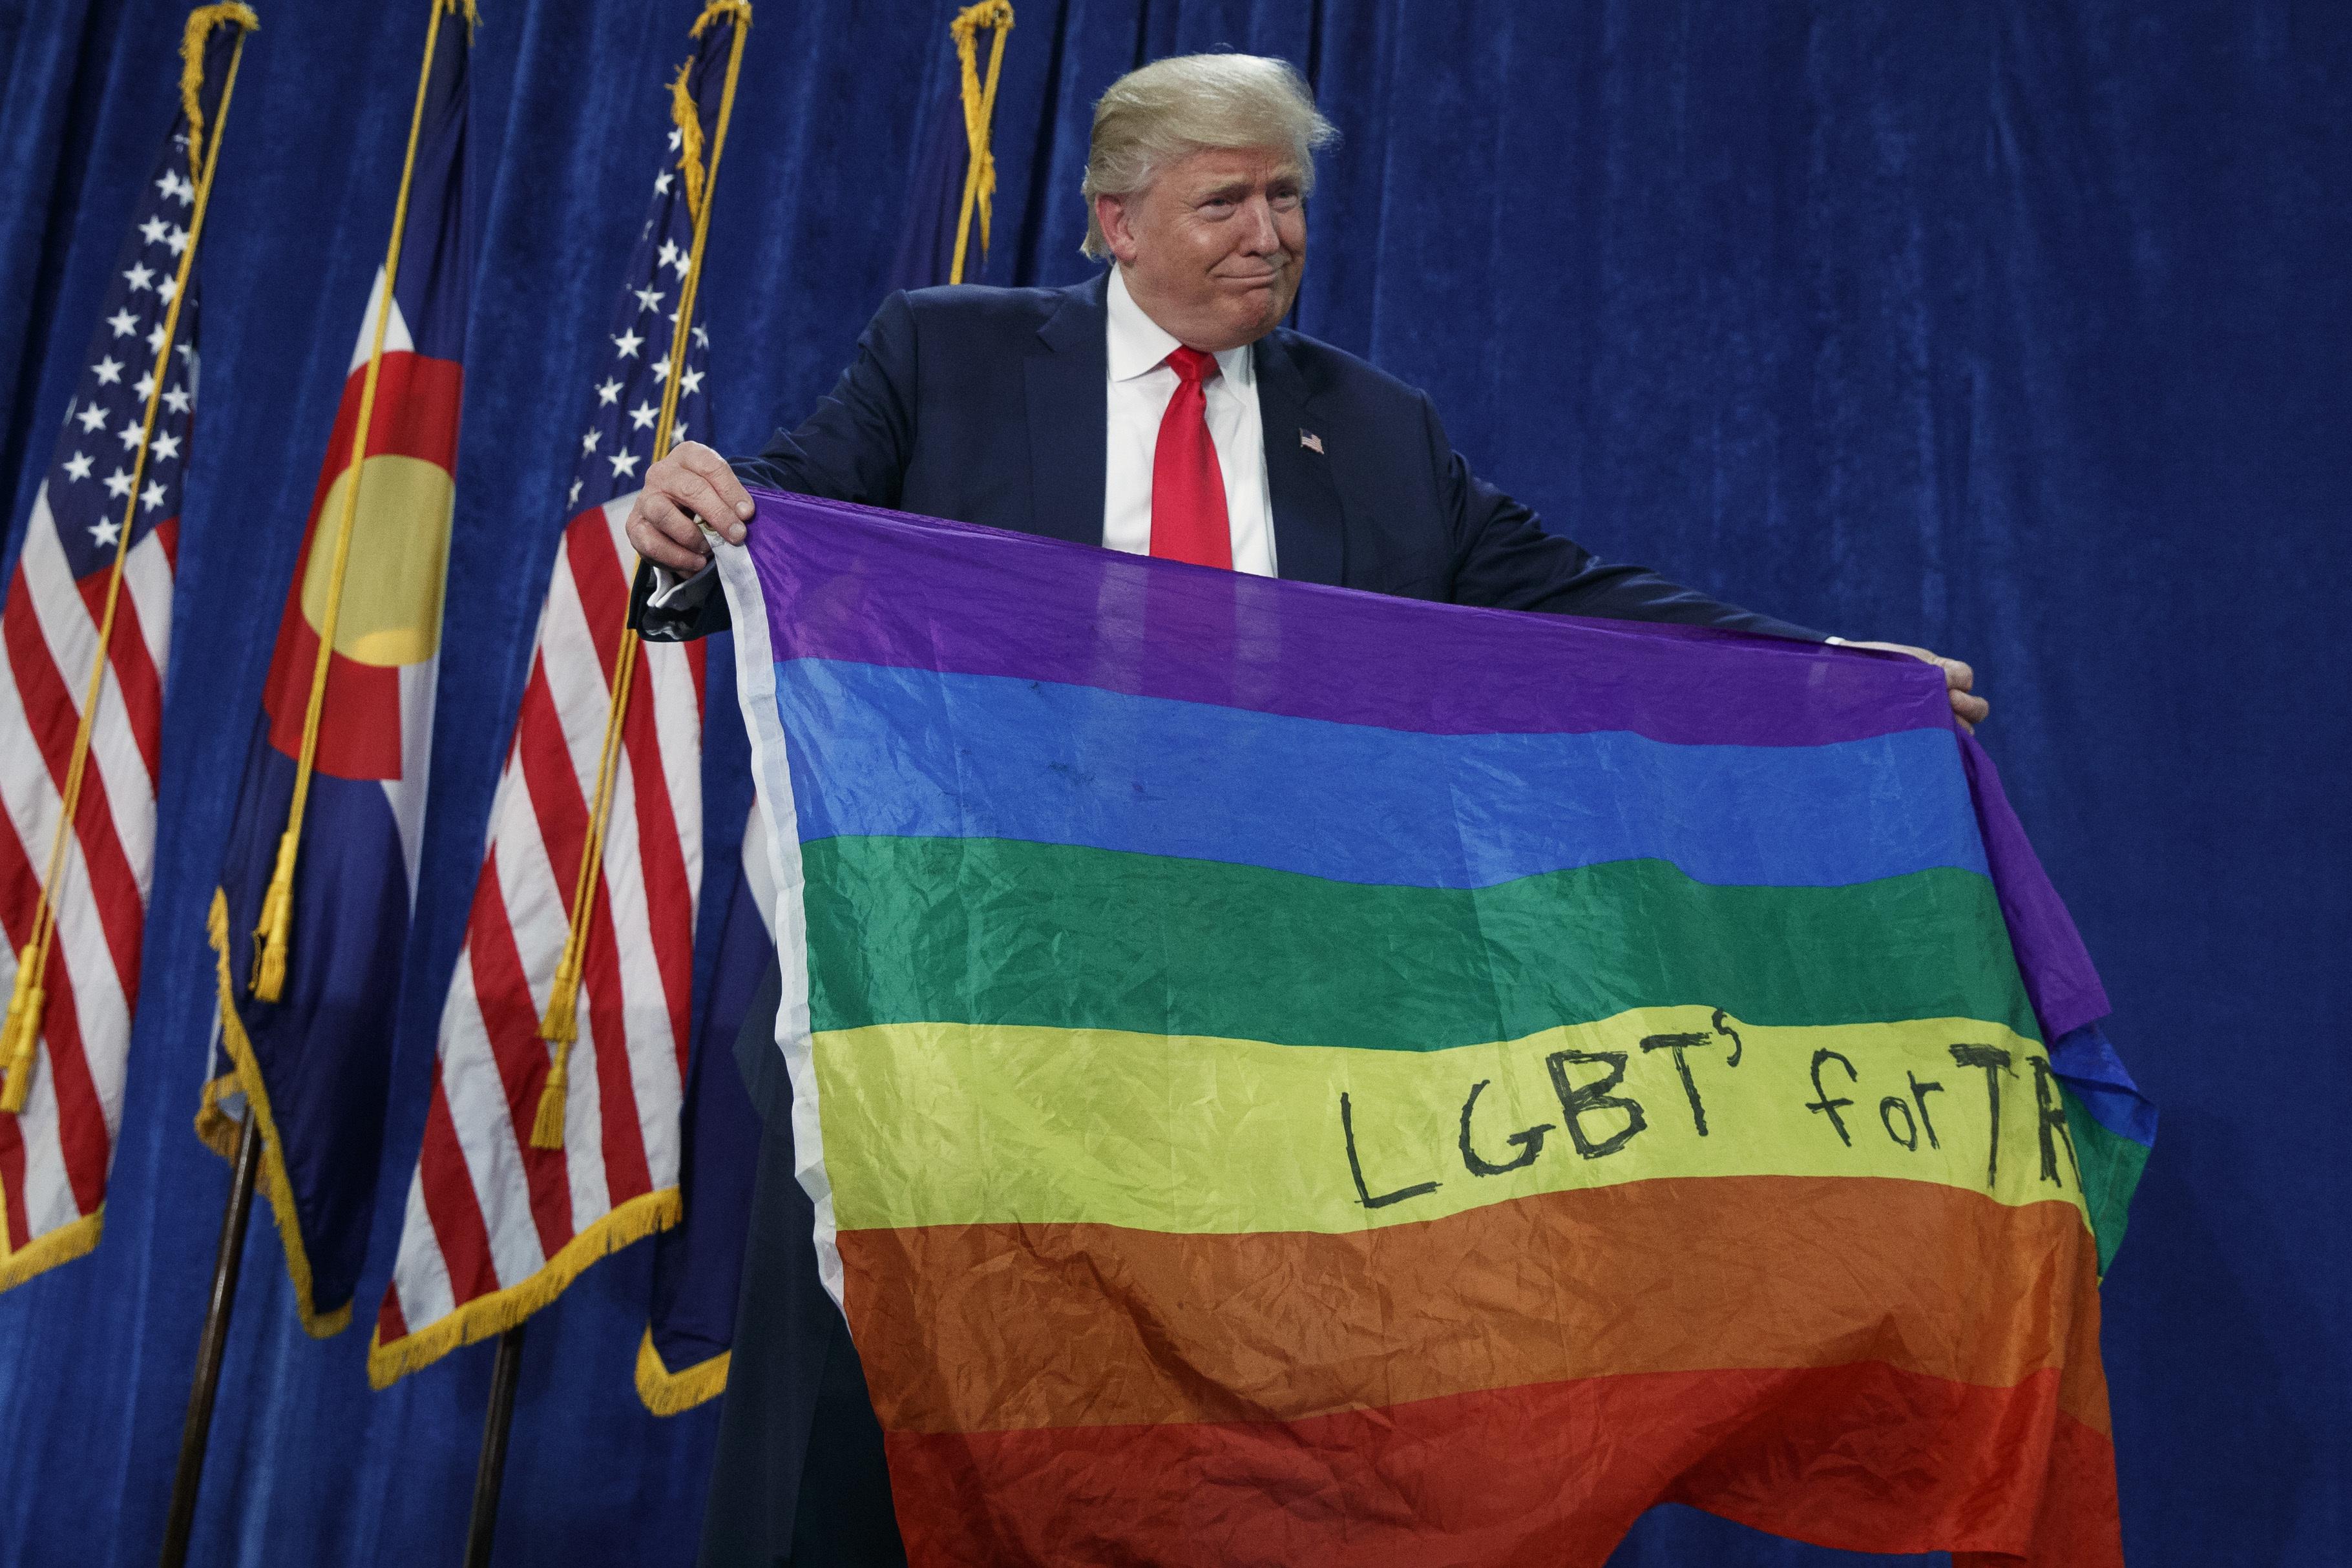 Donald Trump divides LGBTQ movement along party lines